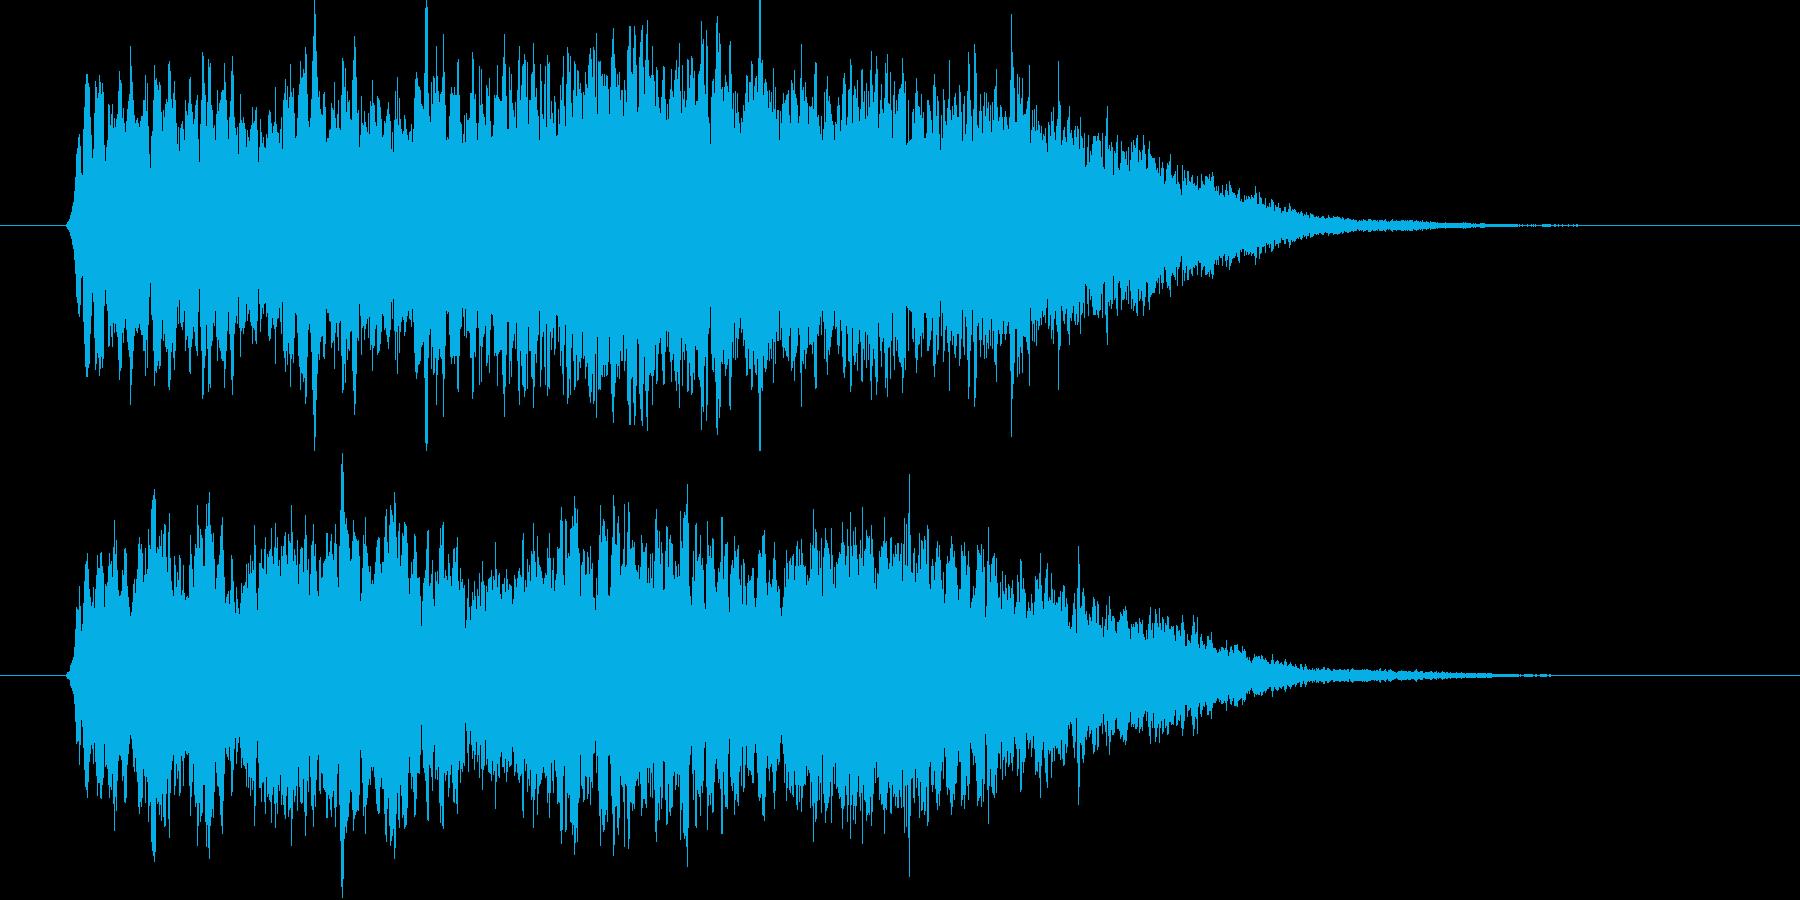 鉄道サウンド 超特急 警笛の再生済みの波形